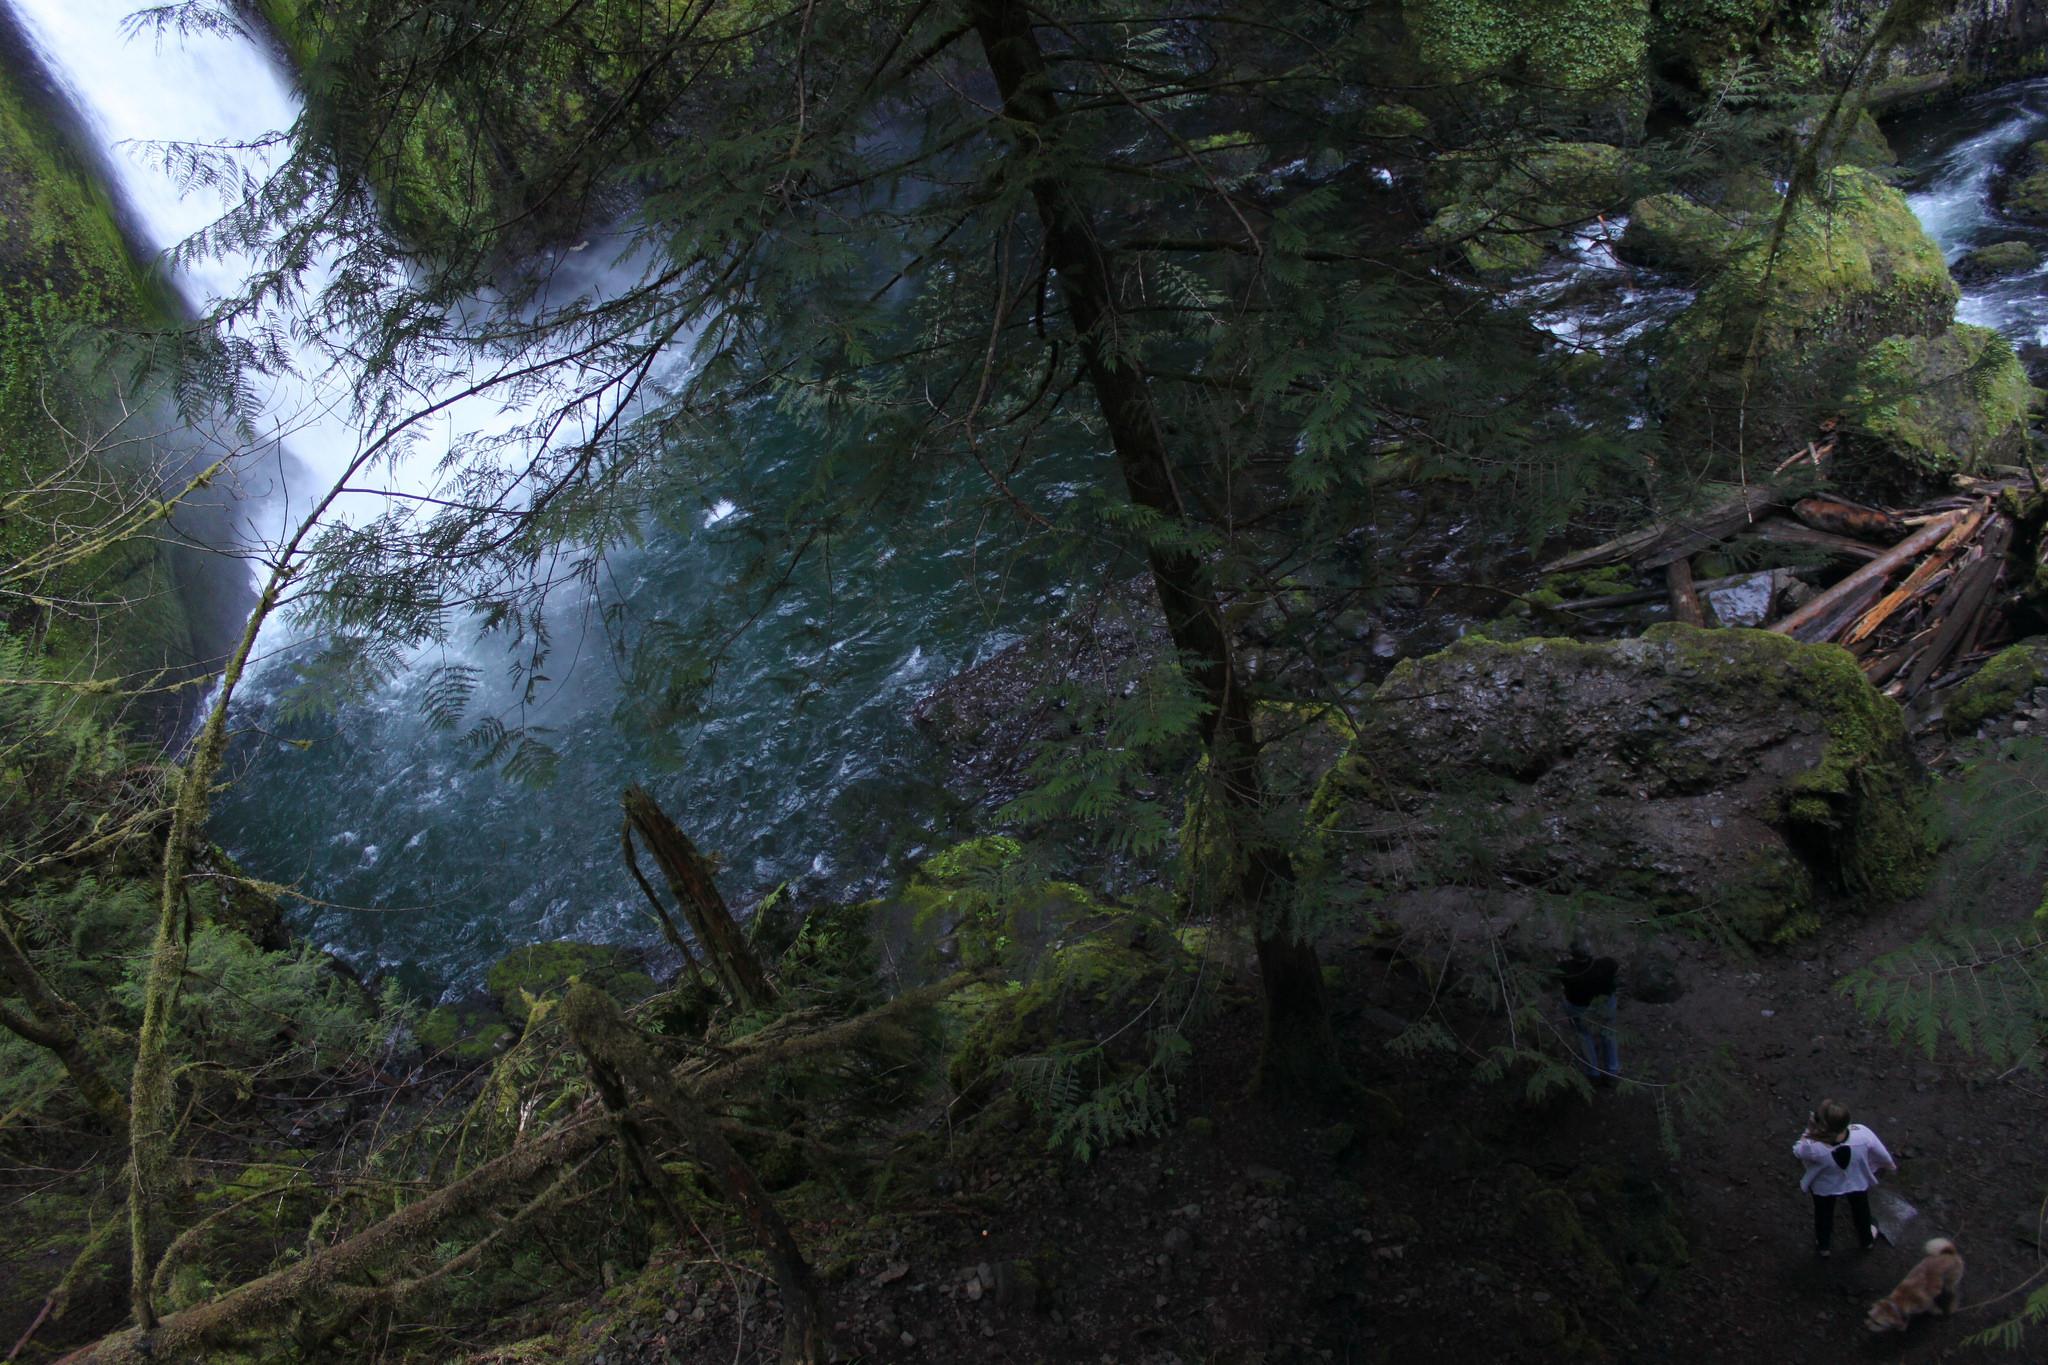 Wahclella Falls (Eli Duke / Flickr)